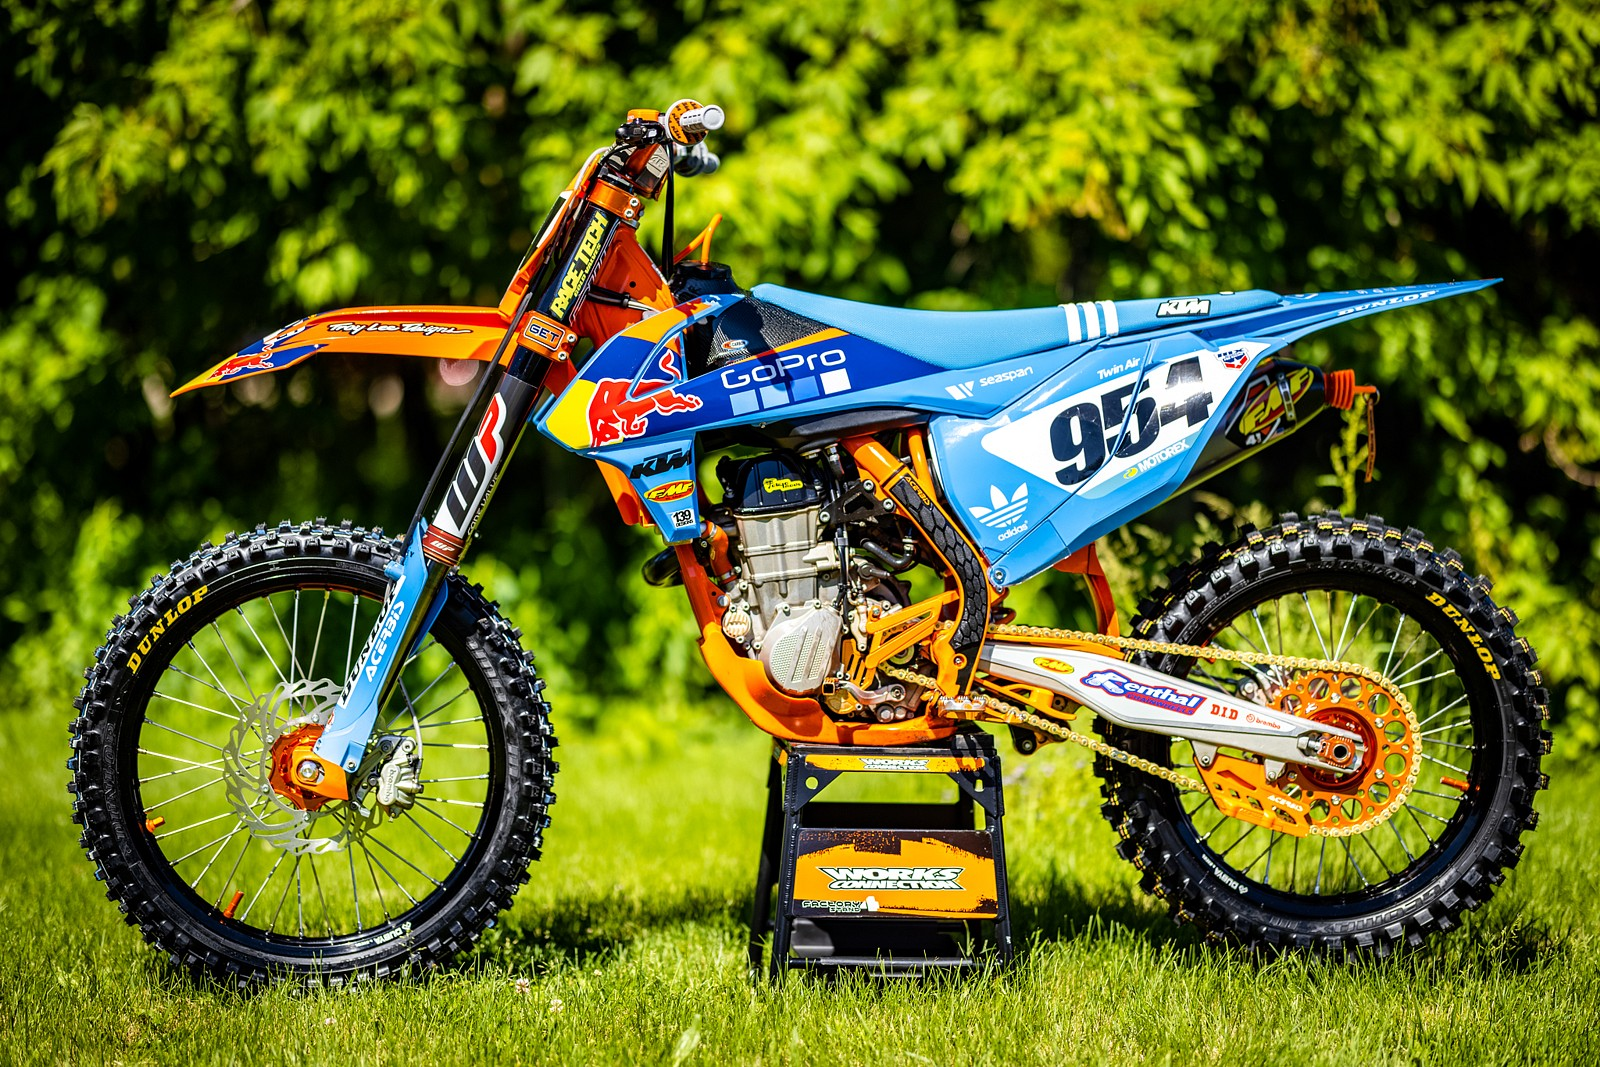 ktm 1 - GForce MMG - Motocross Pictures - Vital MX